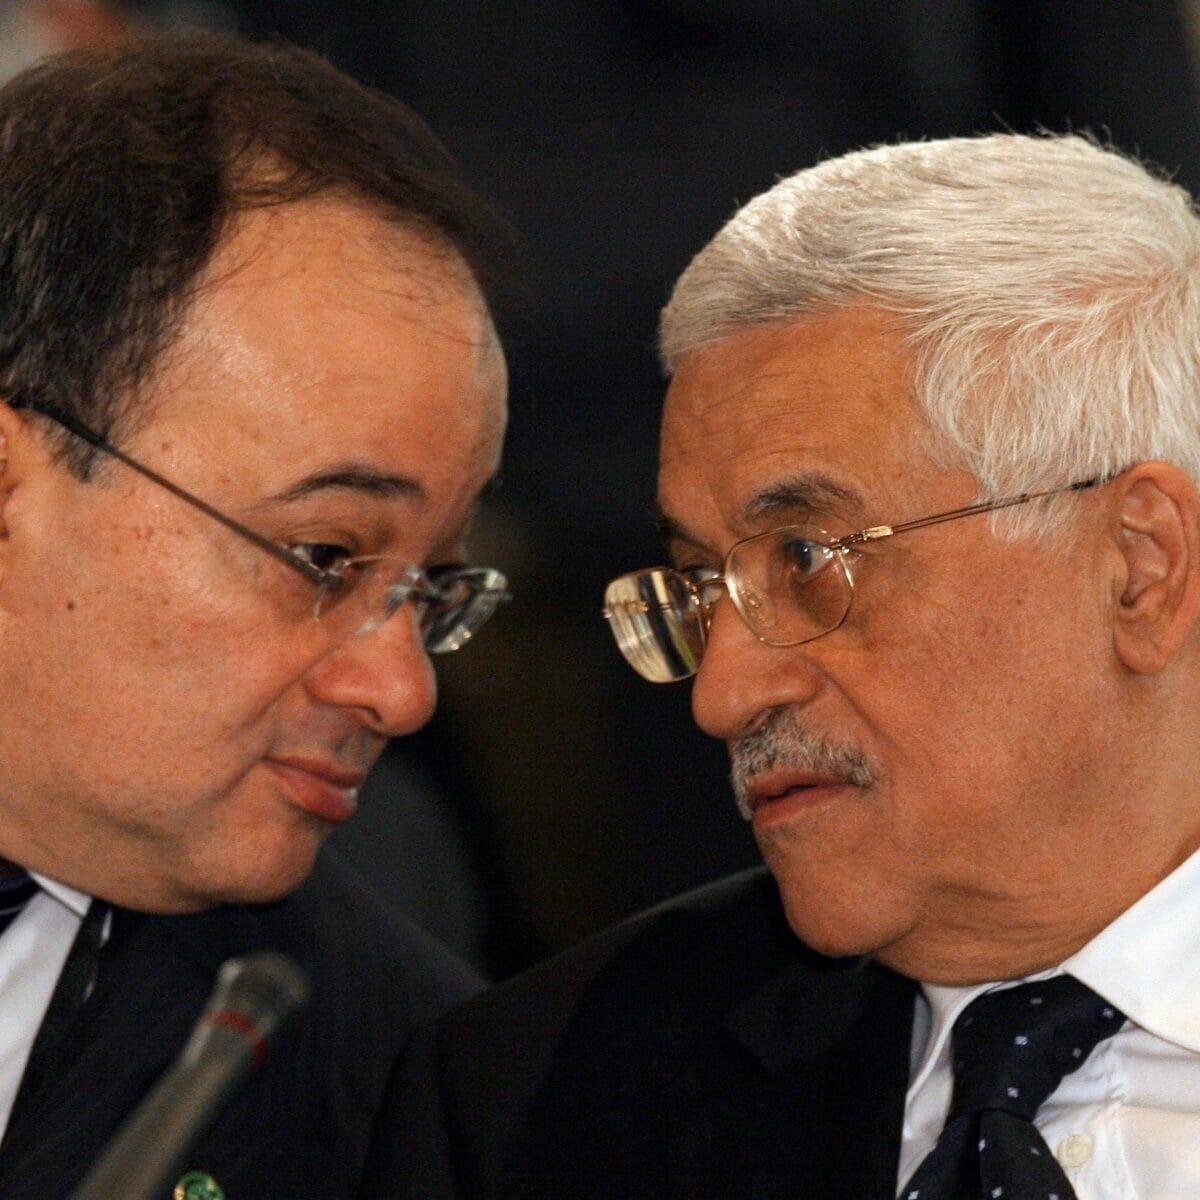 فصل ناصر القدوة من حركة فتح يثير انتقادات ضد محمود عباس